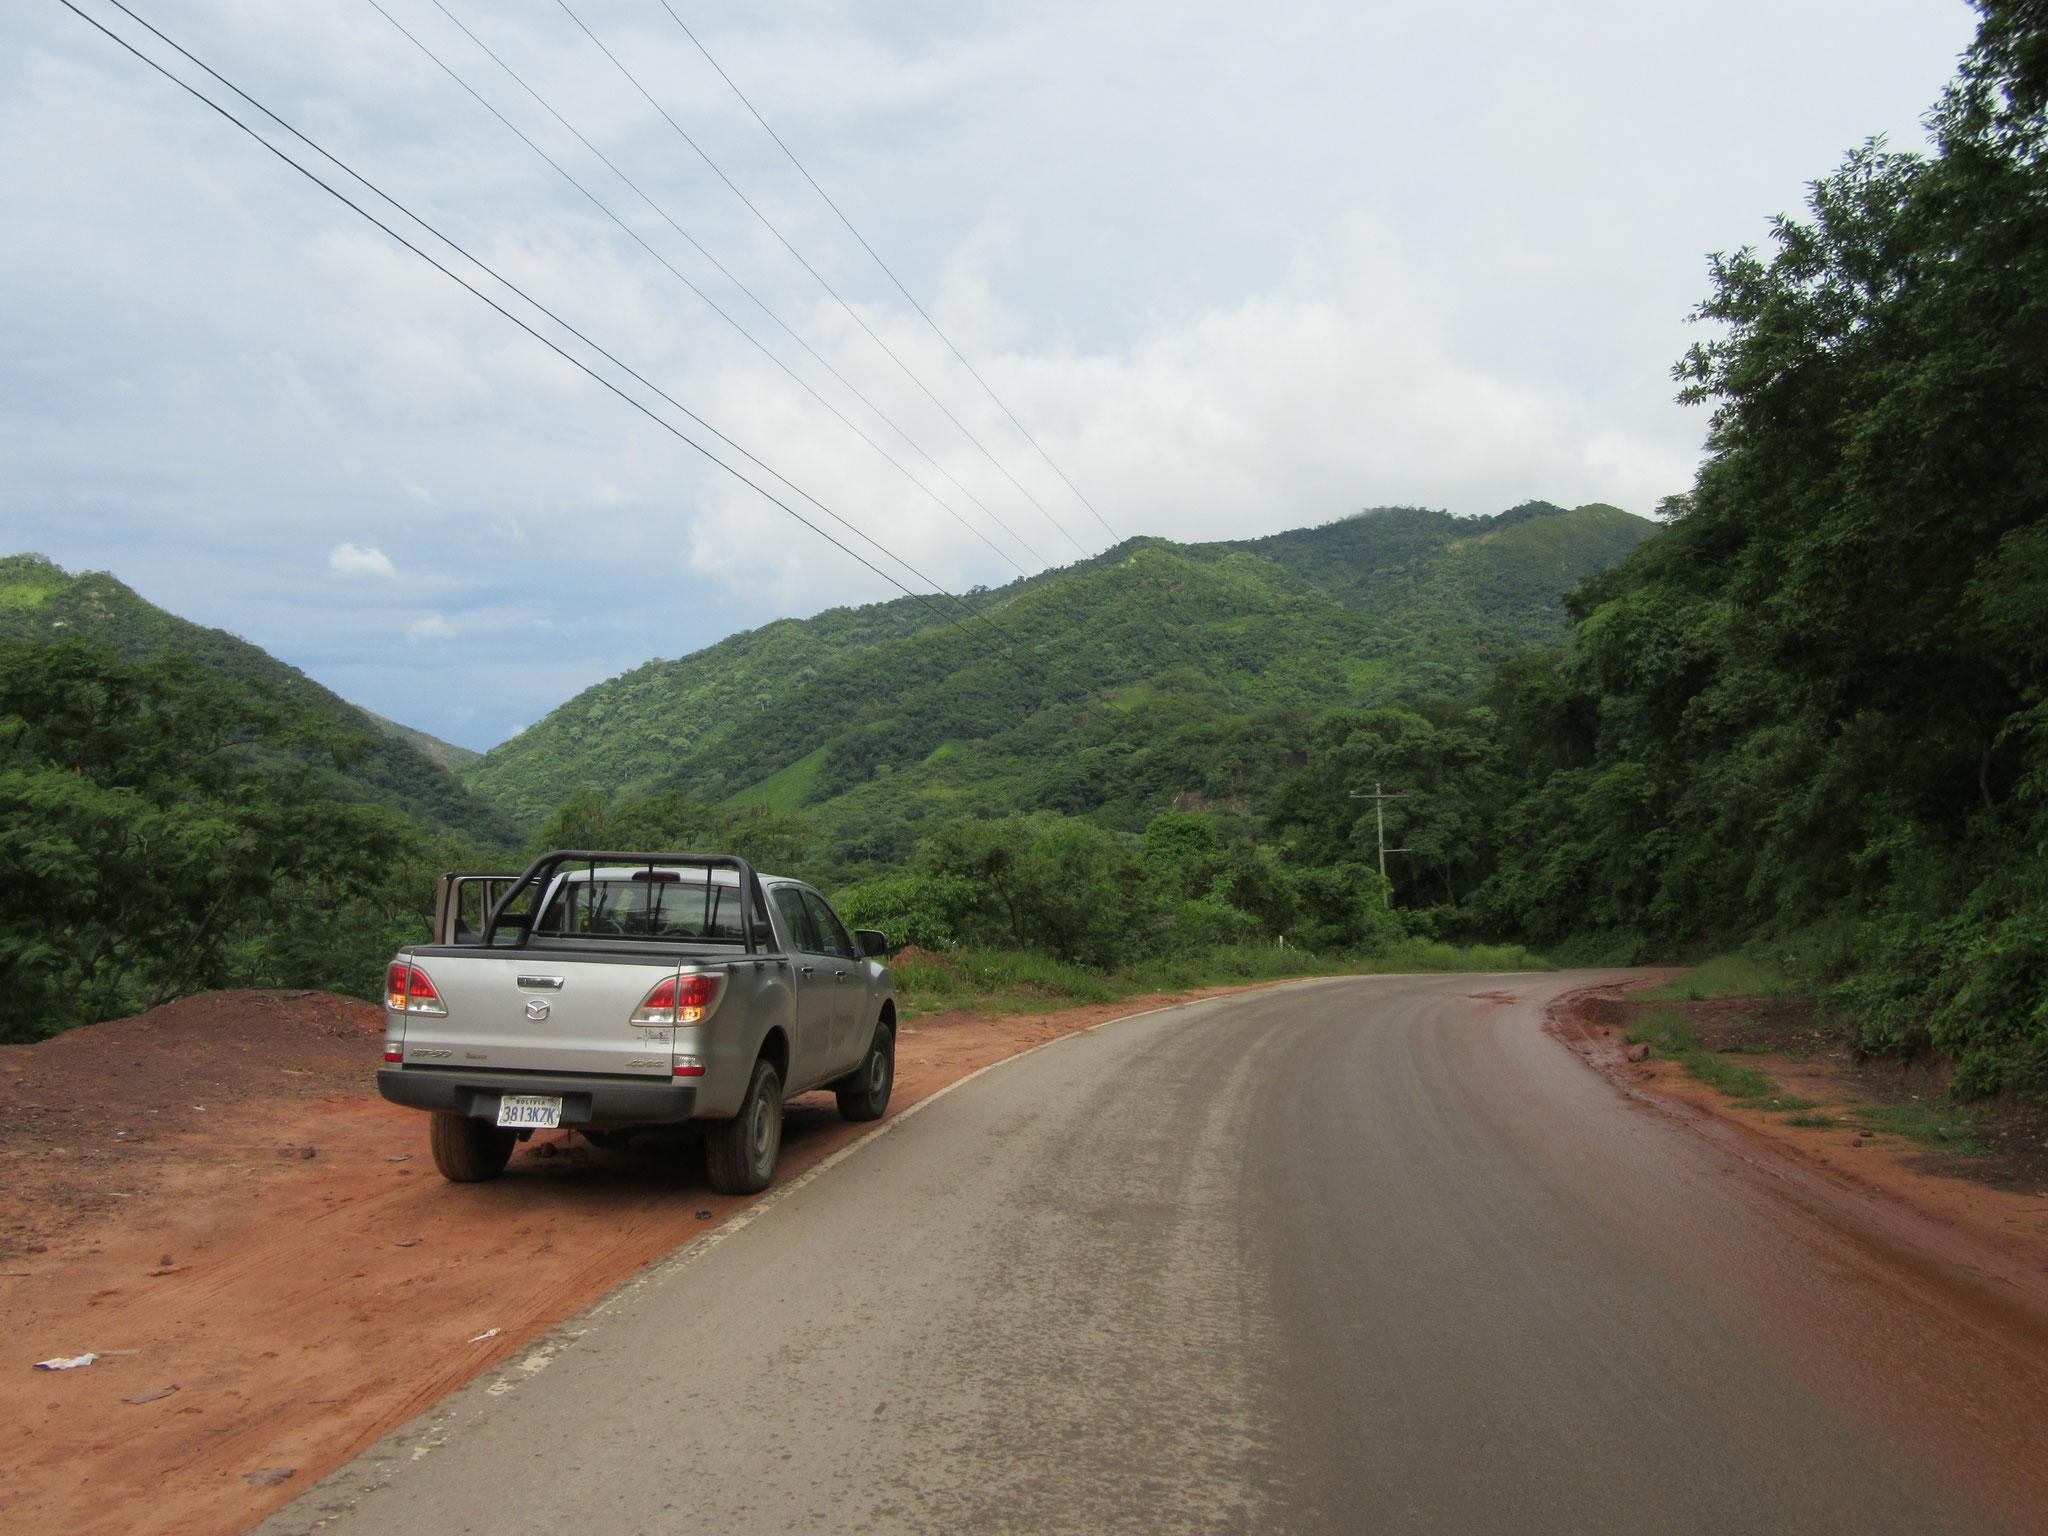 Bis zur Einfahrt sind die Straßen gut asphaltiert